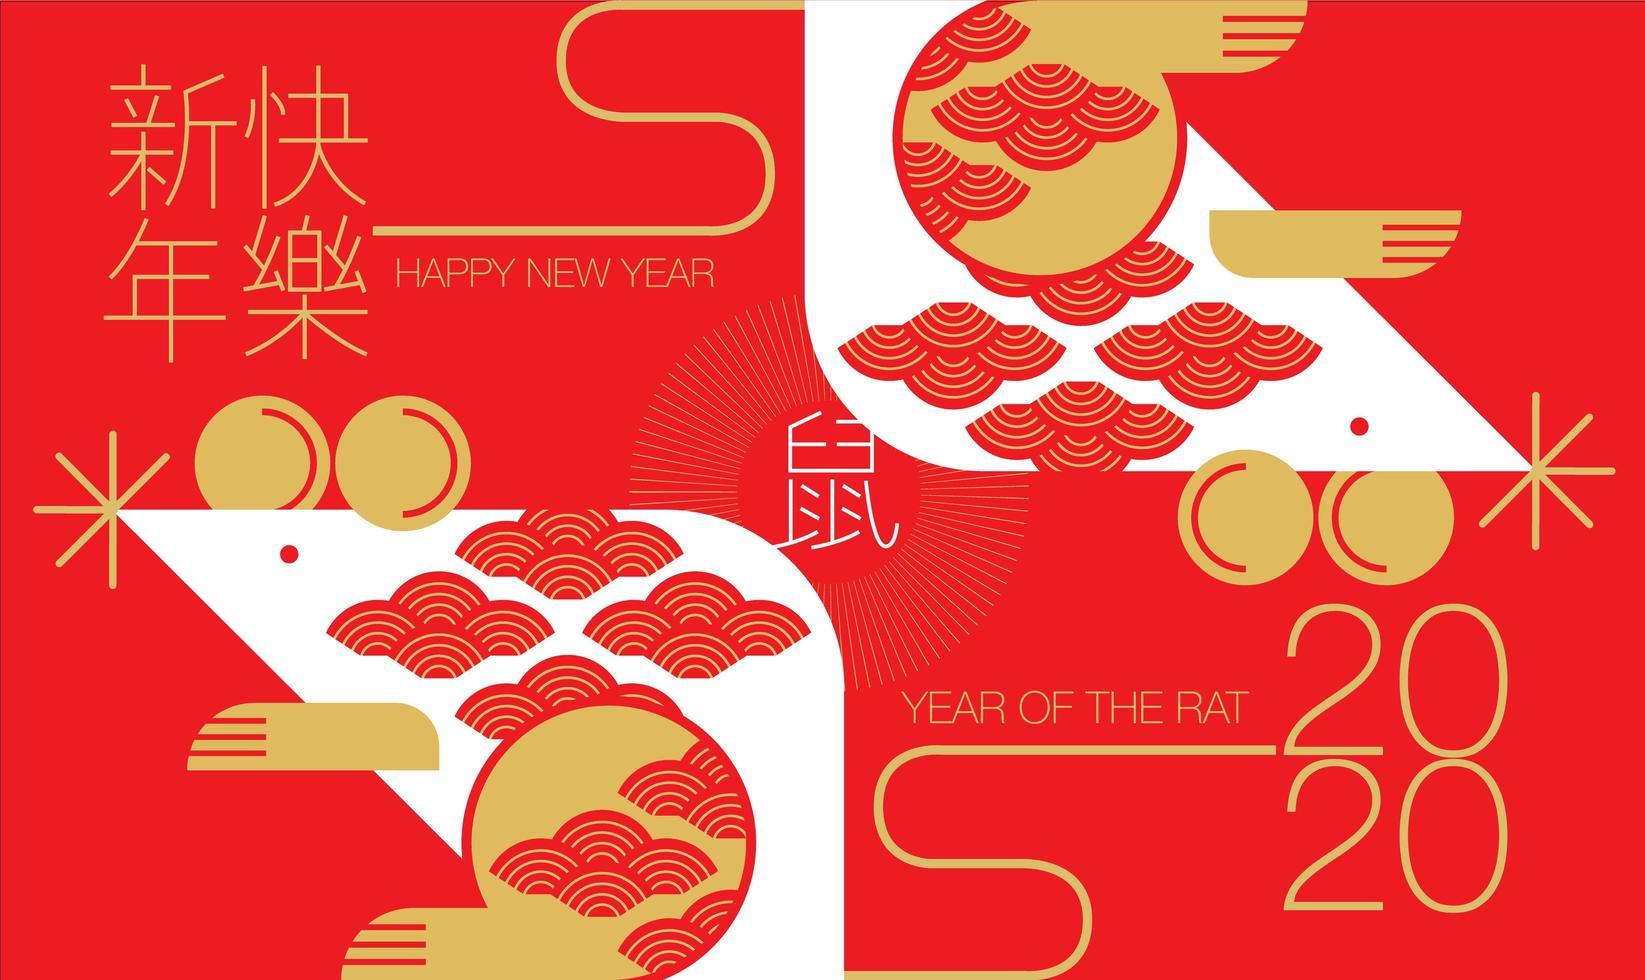 röd 2020 kinesisk nyårsaffisch med två råttor vektor